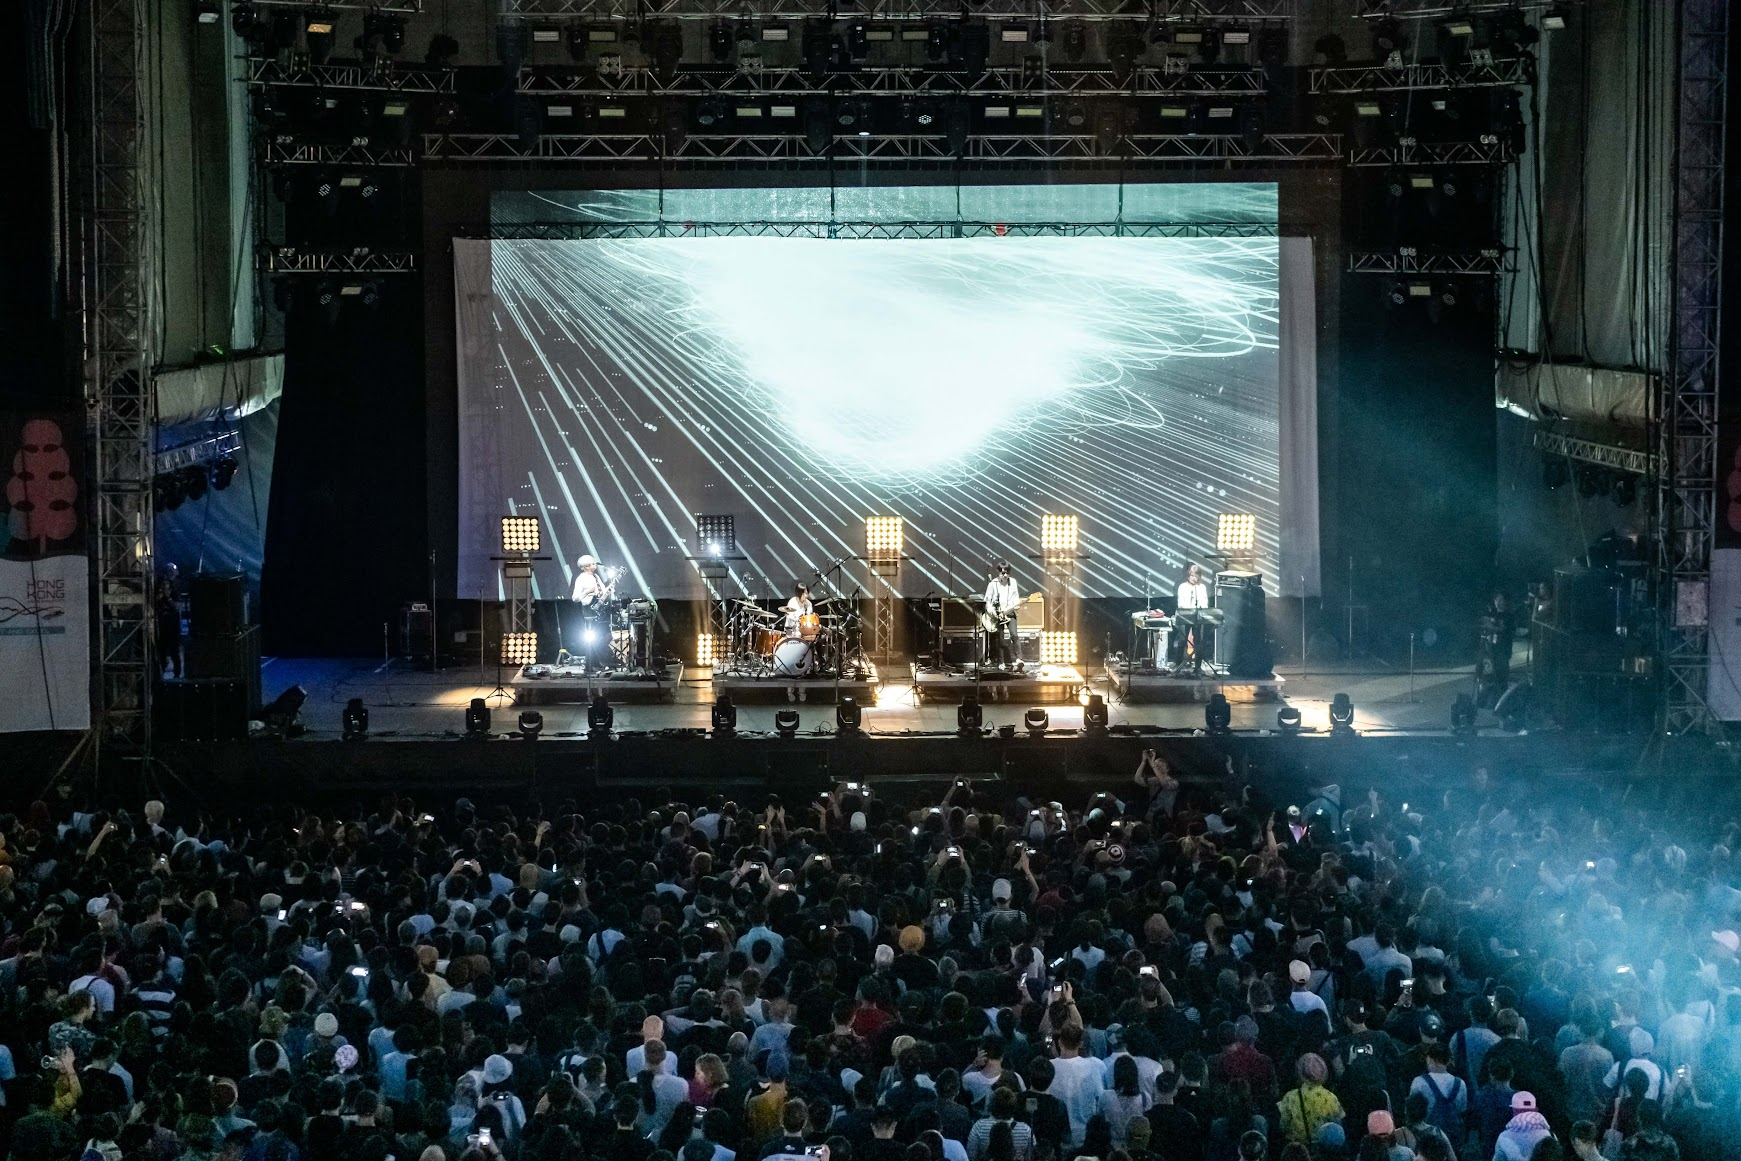 精通多種樂器的日本鬼才CORNELIUS震撼Harbourflap Stage